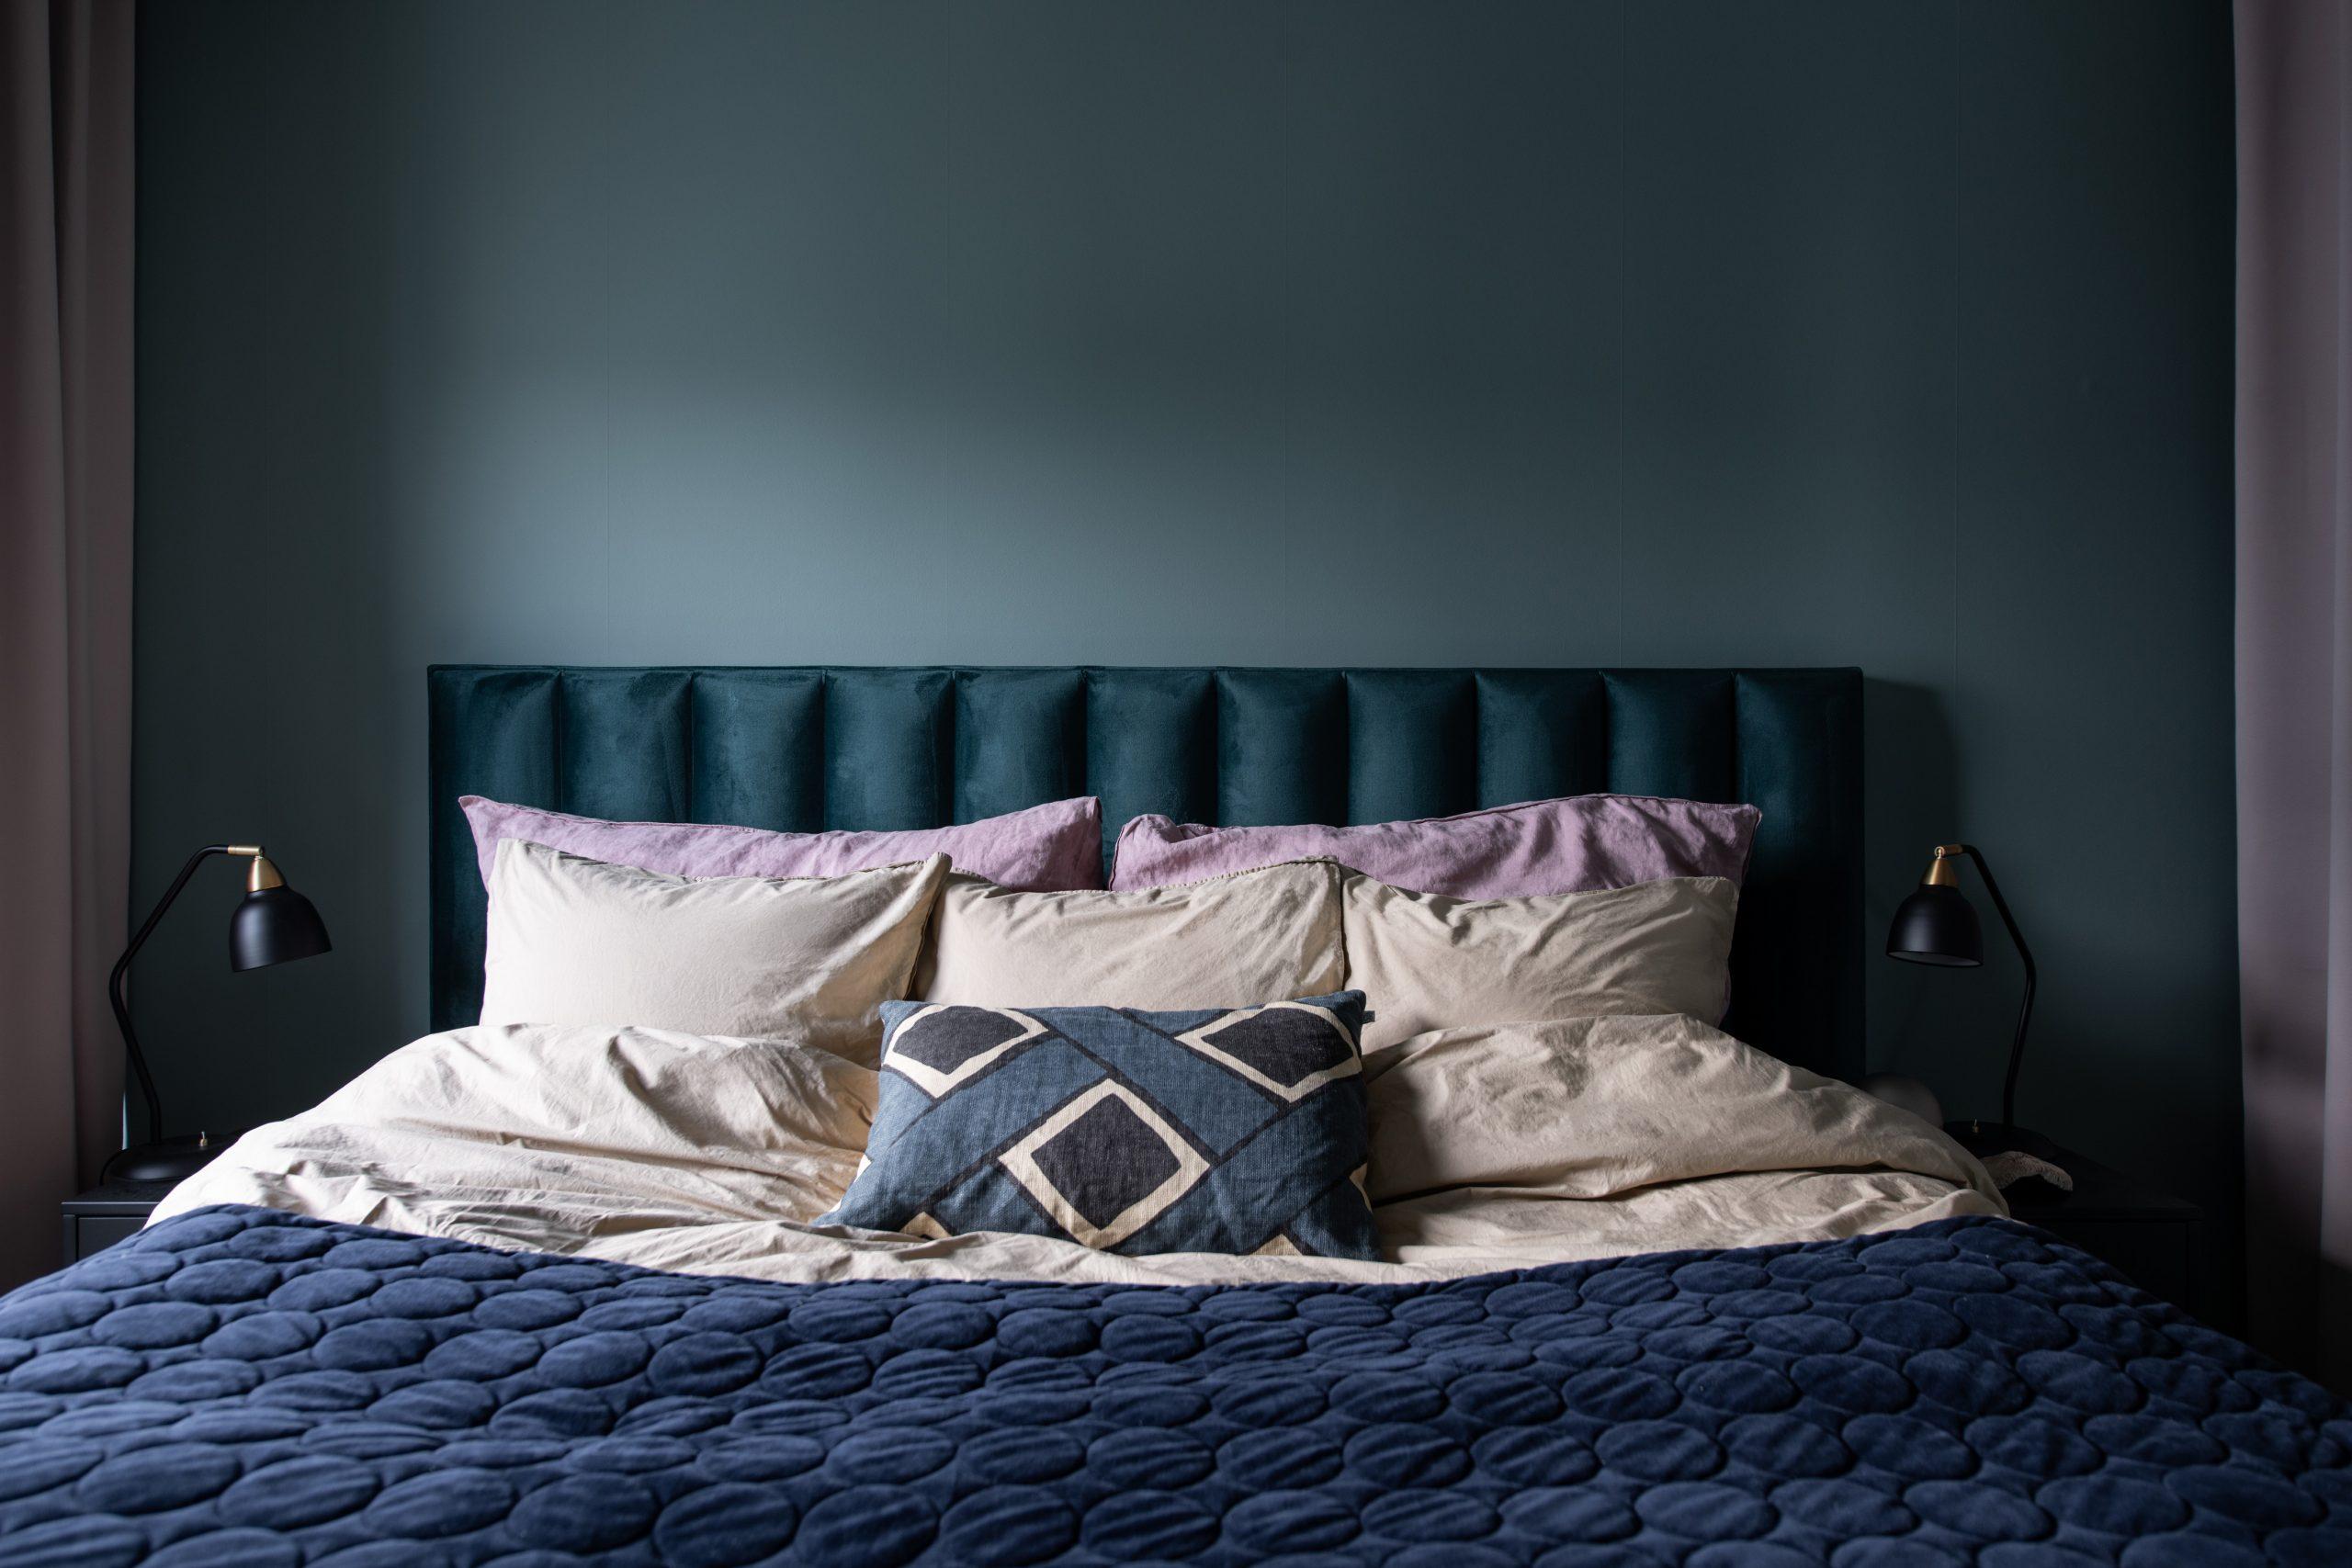 Ribbad sänggavel sammet. sänglampor